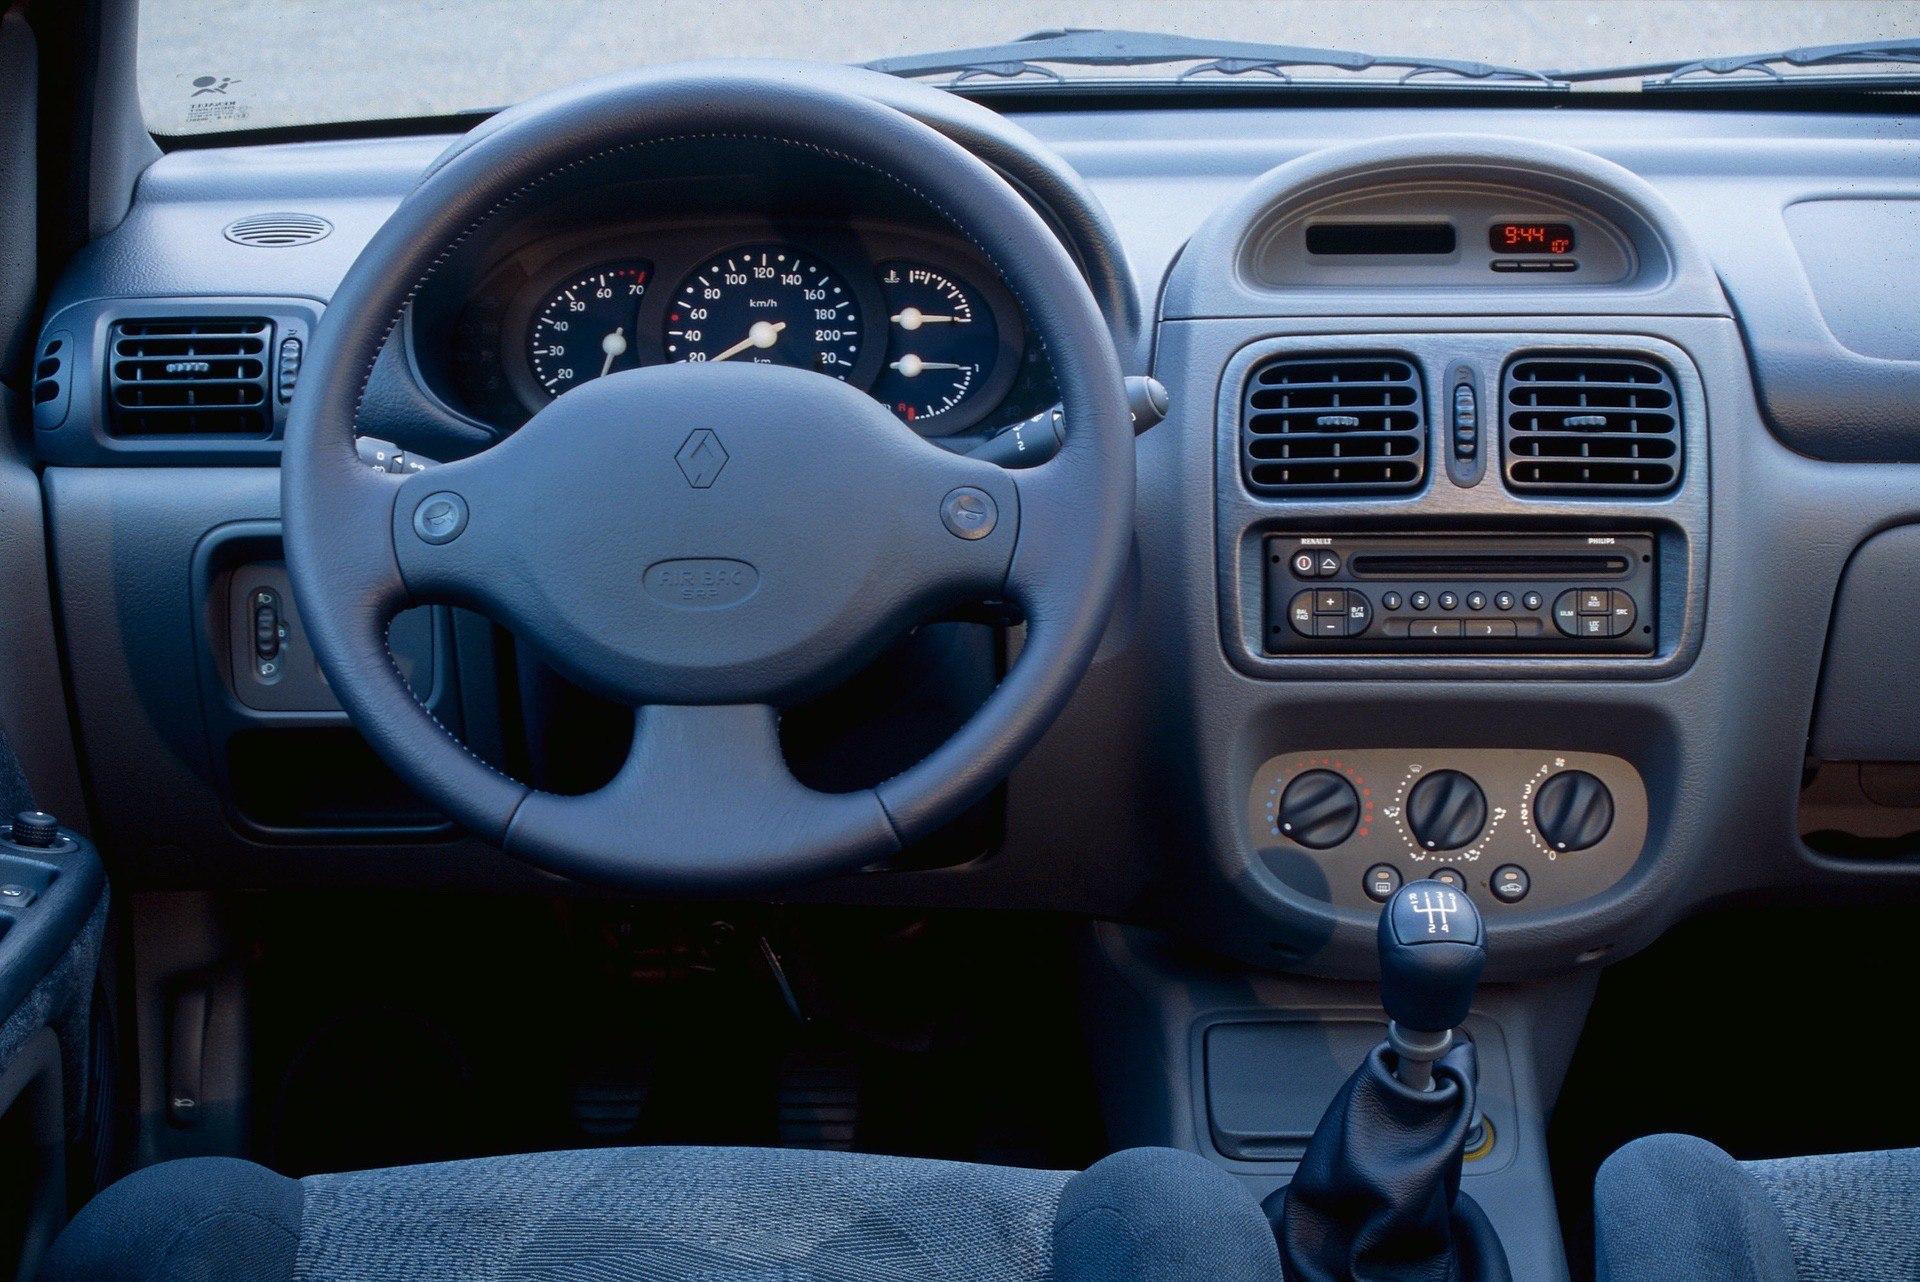 RENAULT CLIO 2 1.6 16V 3 PORTES